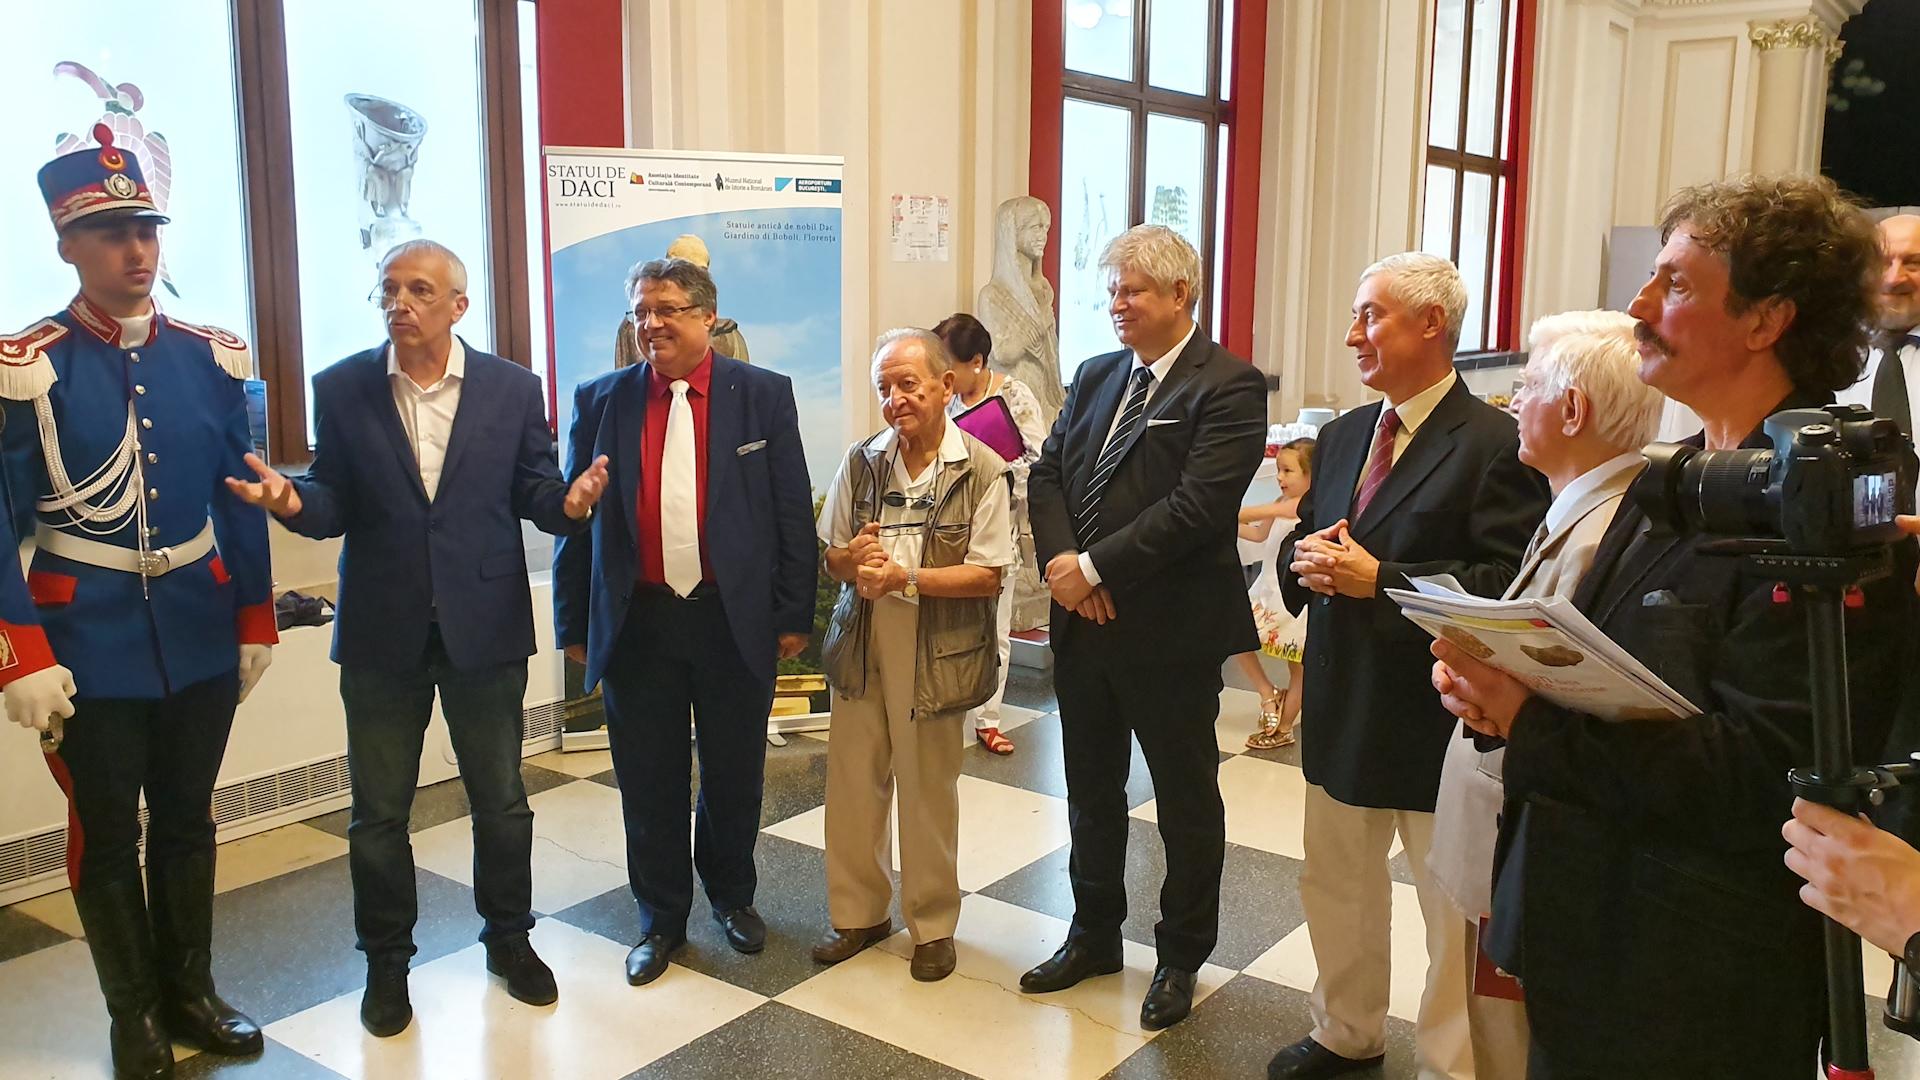 Instantaneu de la evenimentul de prezentare a statuii nobilului dac, 25 iunie 2019, MNIR